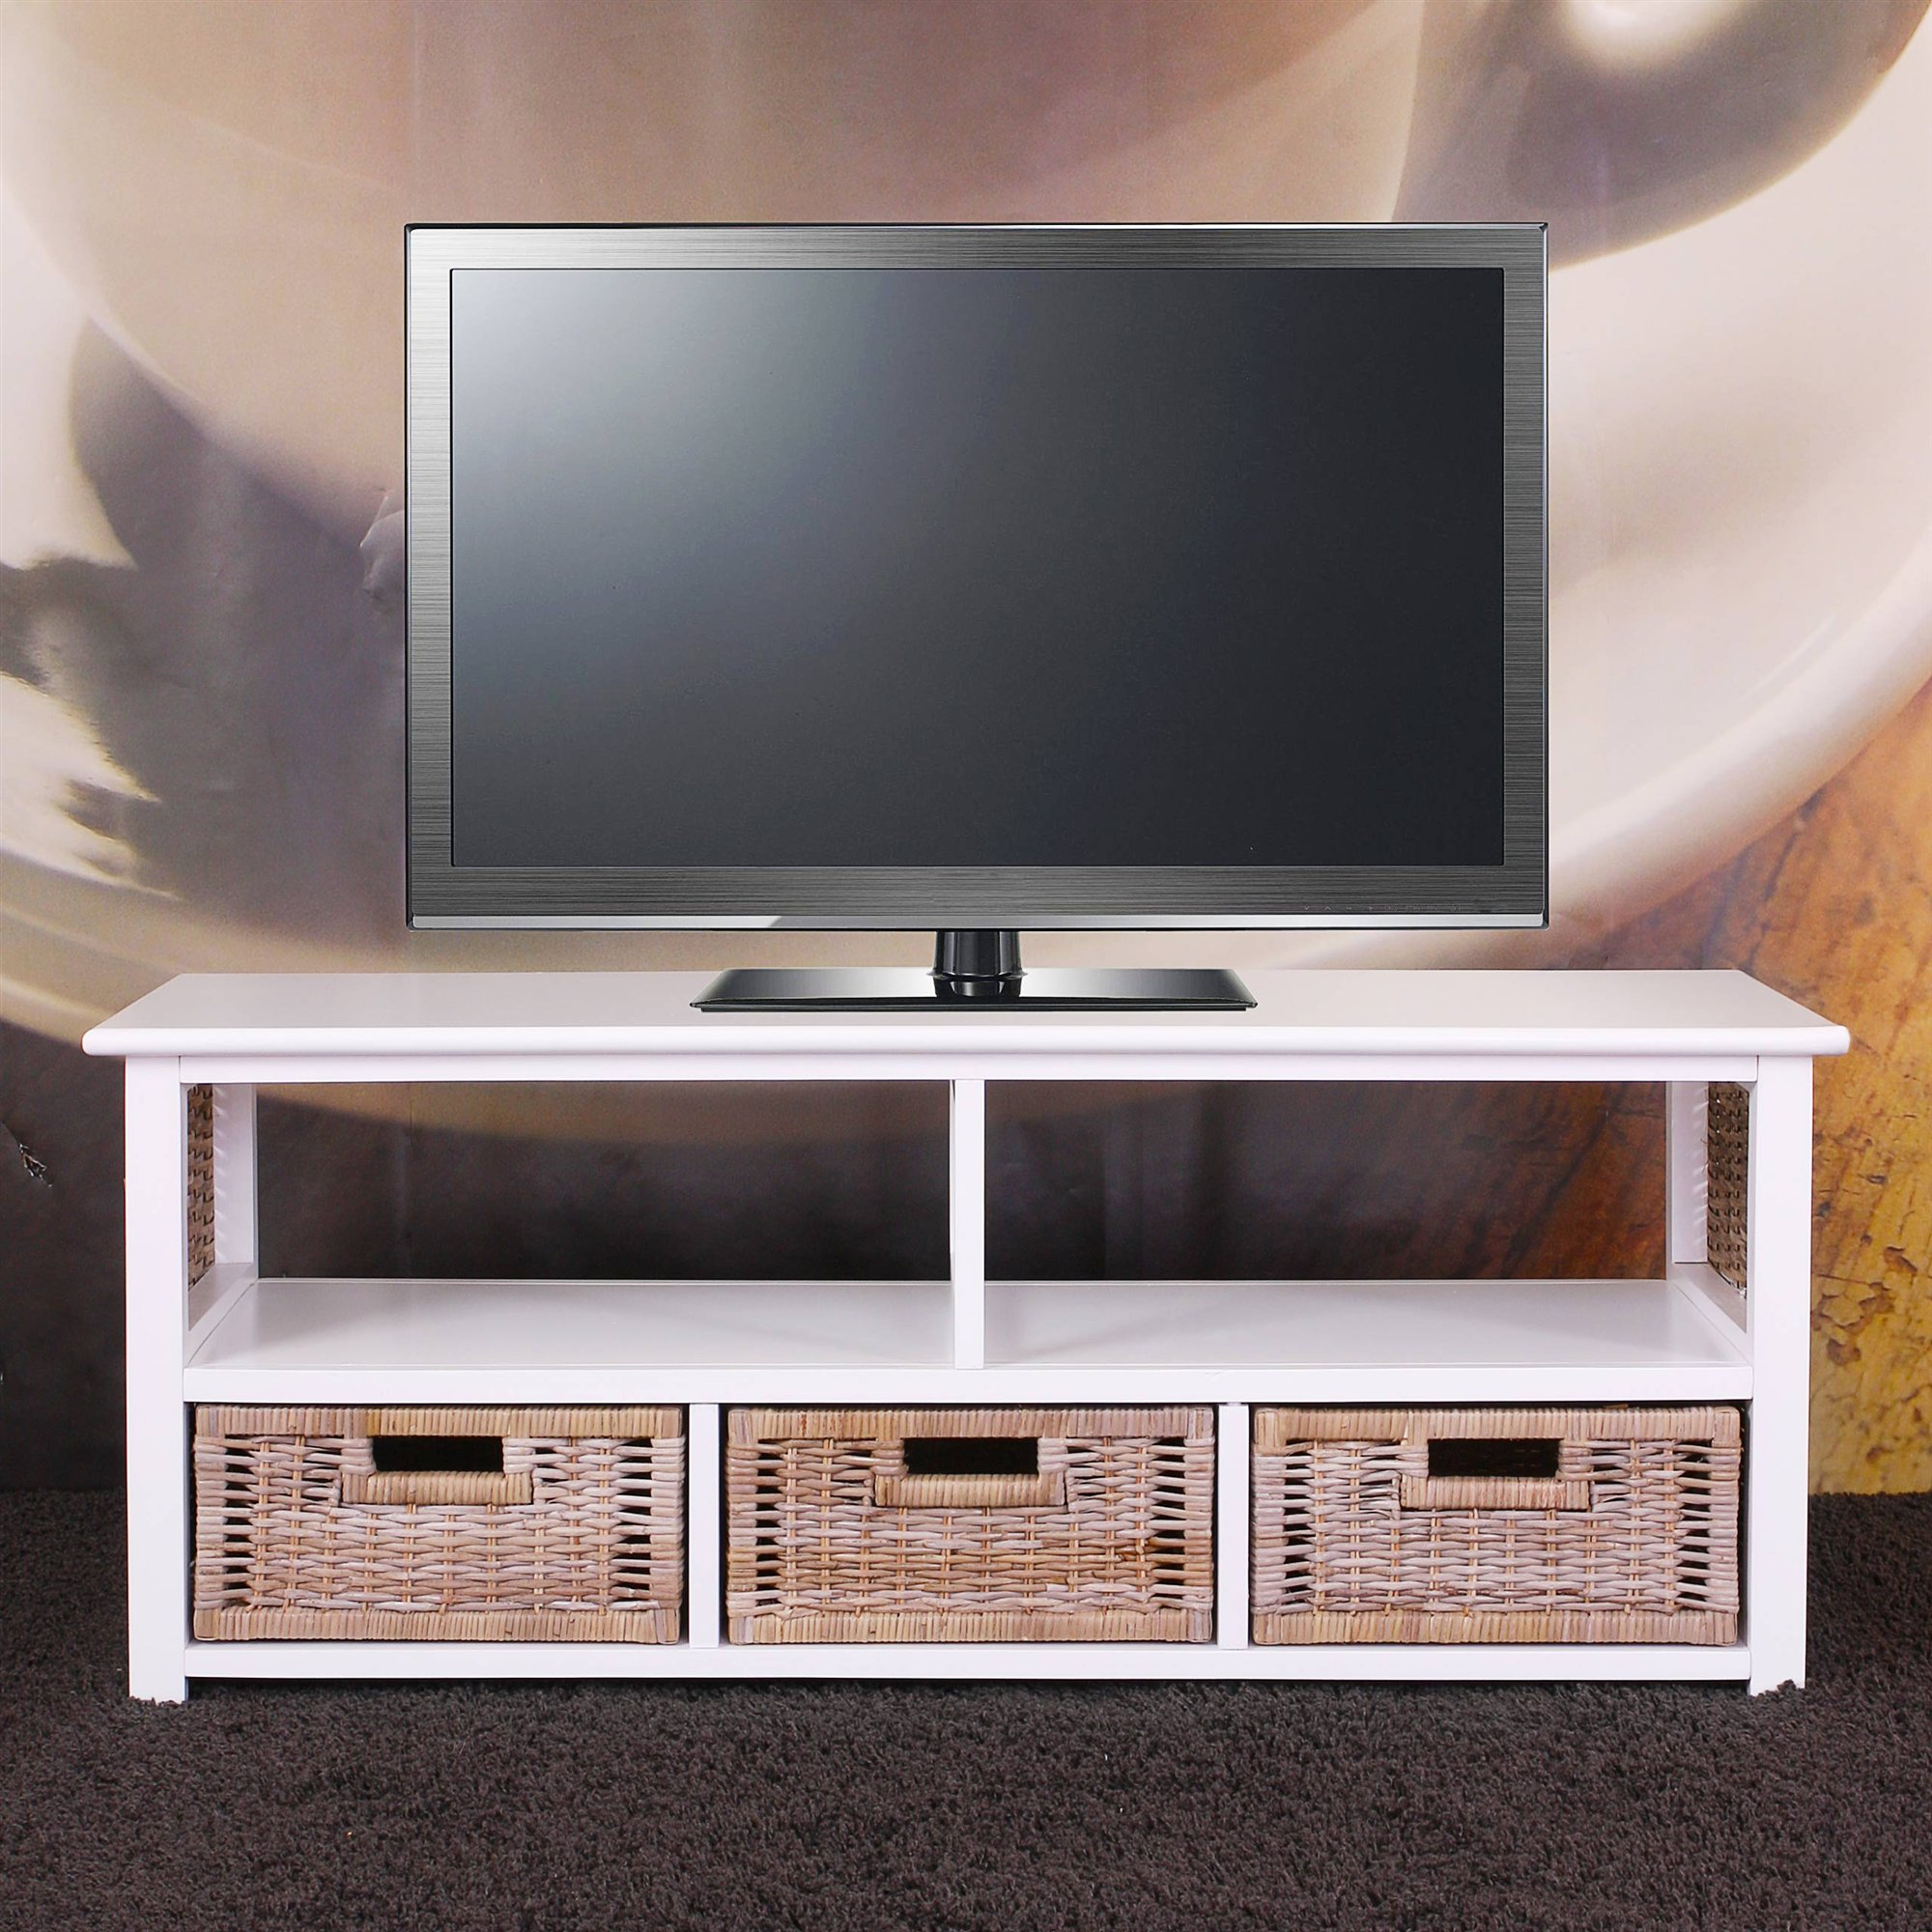 mesa para tv de madera en color blanca y cestas de mimbre gran espacio. Black Bedroom Furniture Sets. Home Design Ideas